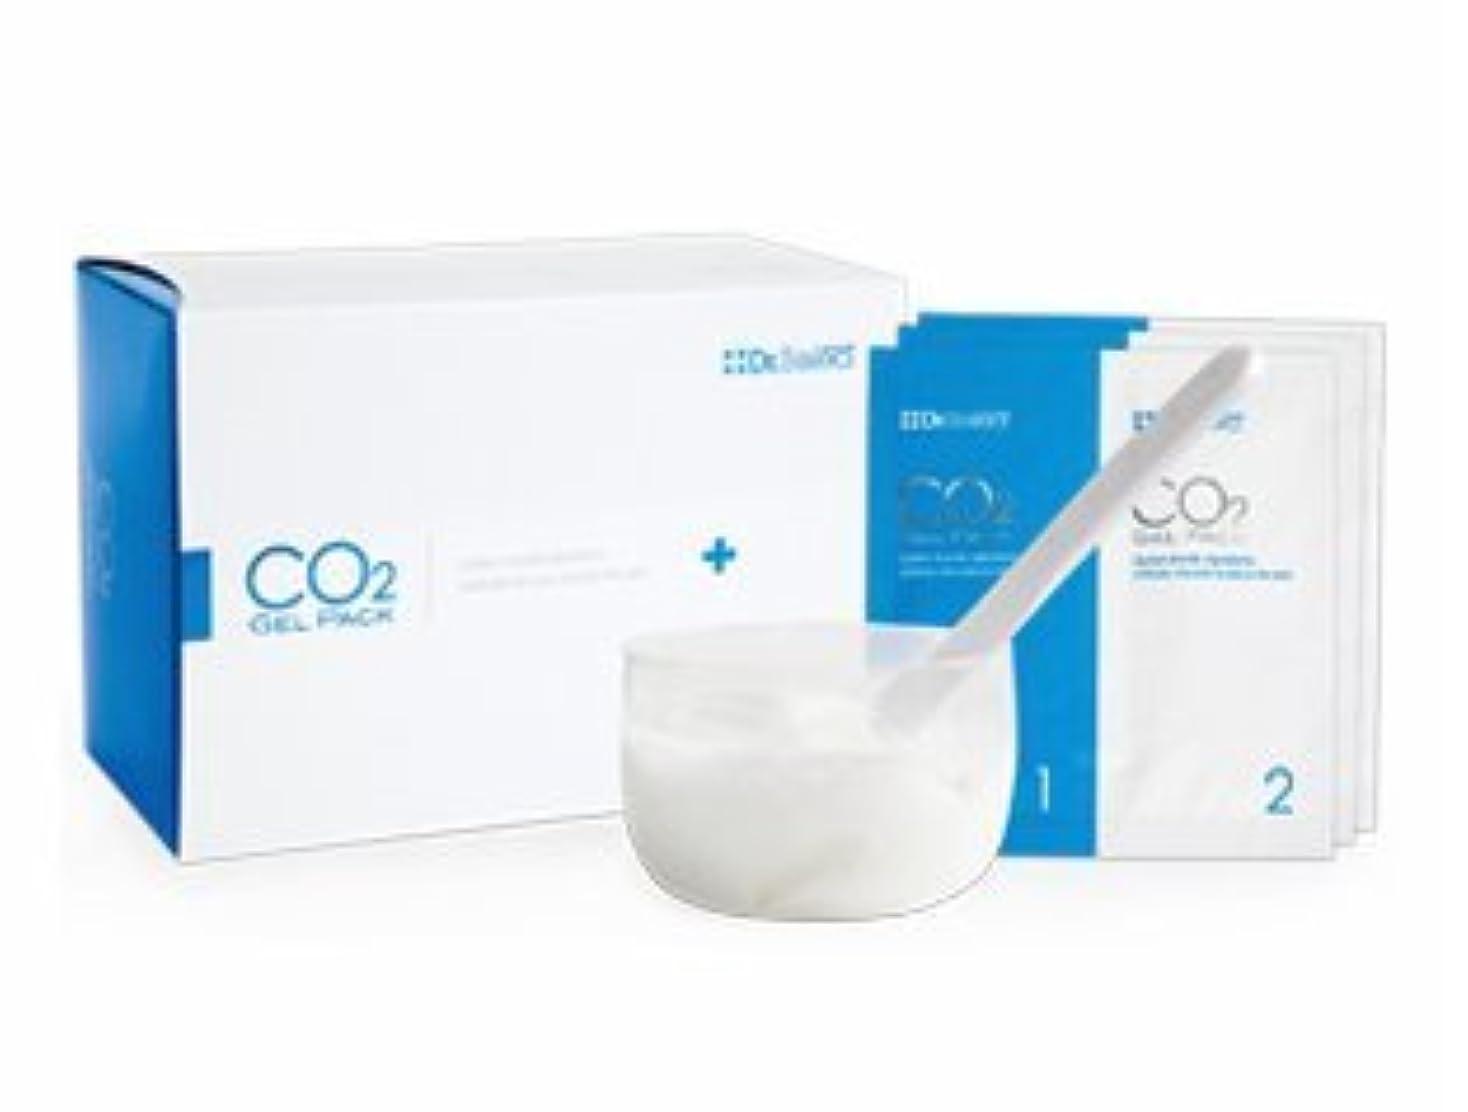 同意する間欠家禽Dr.Select ドクターセレクト CO2ジェルパック 20回分セット